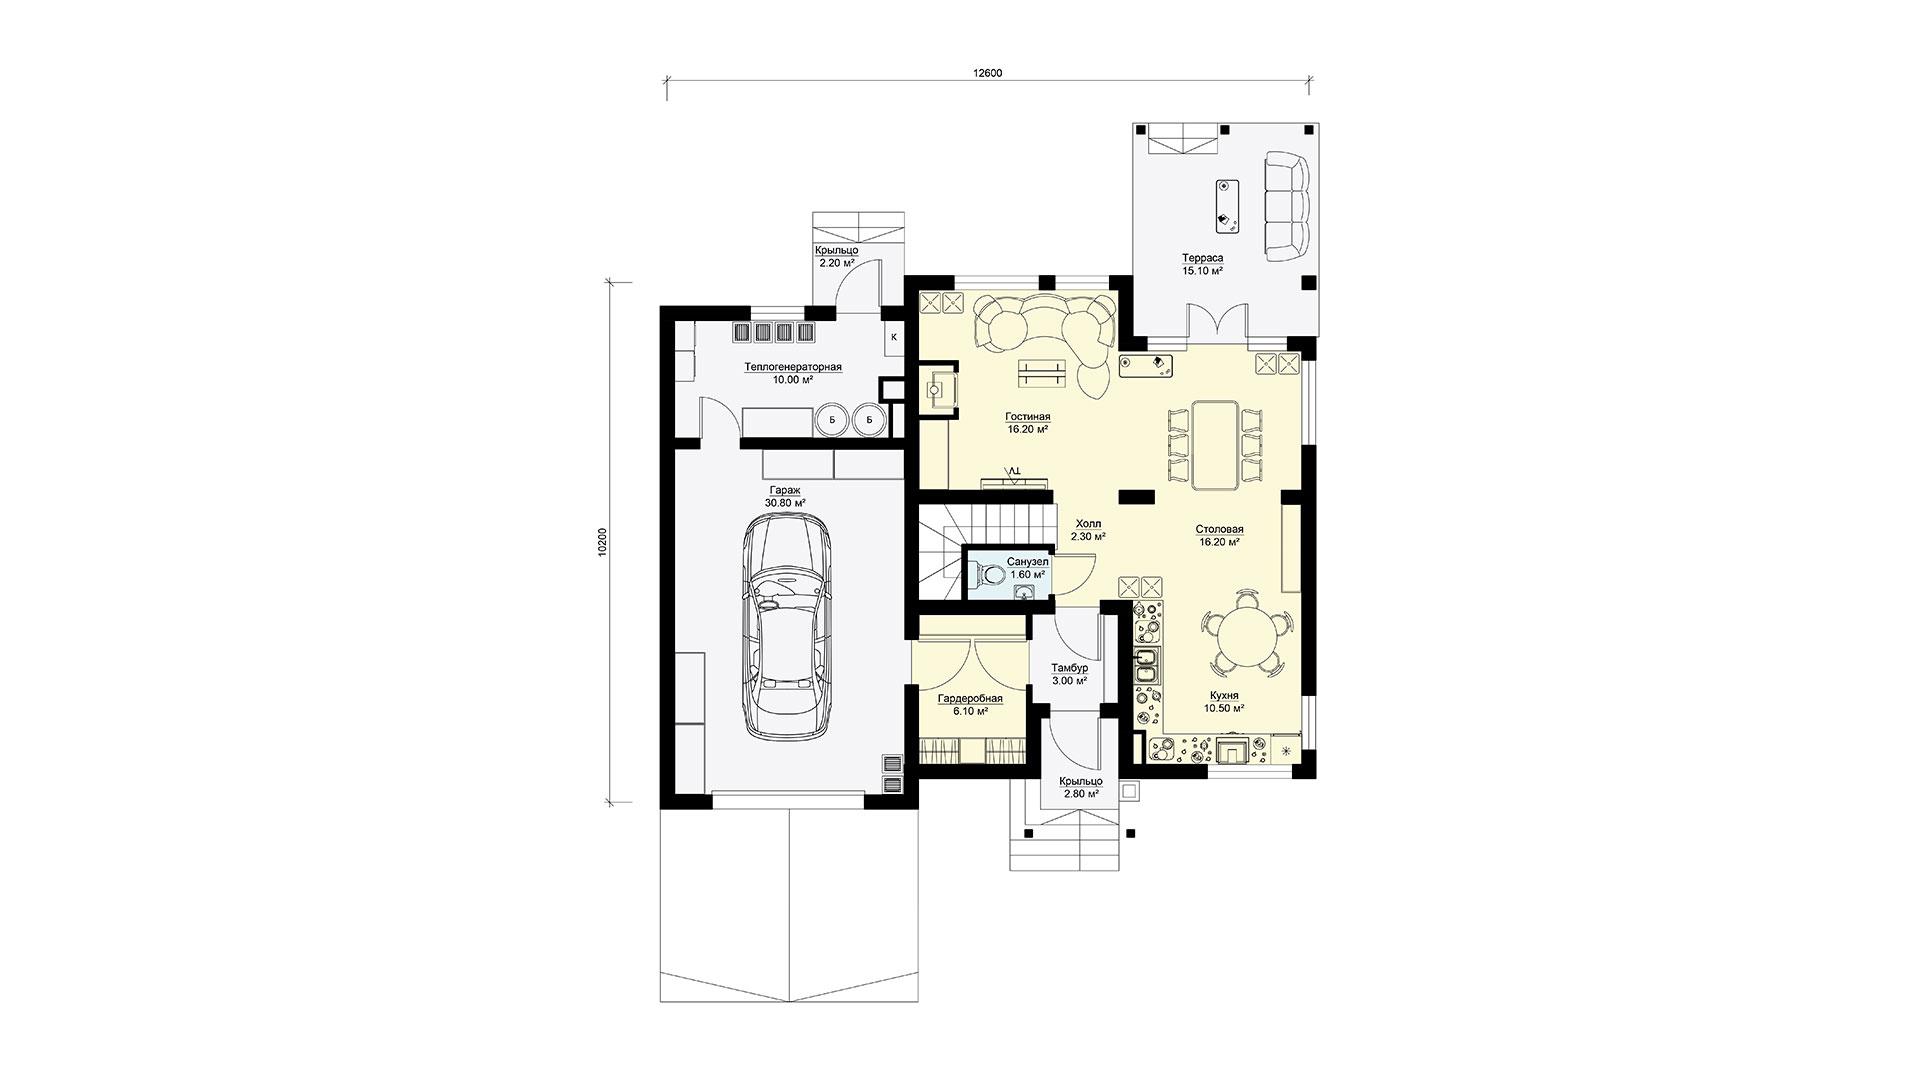 Планировка первого этажа проекта БП-185.